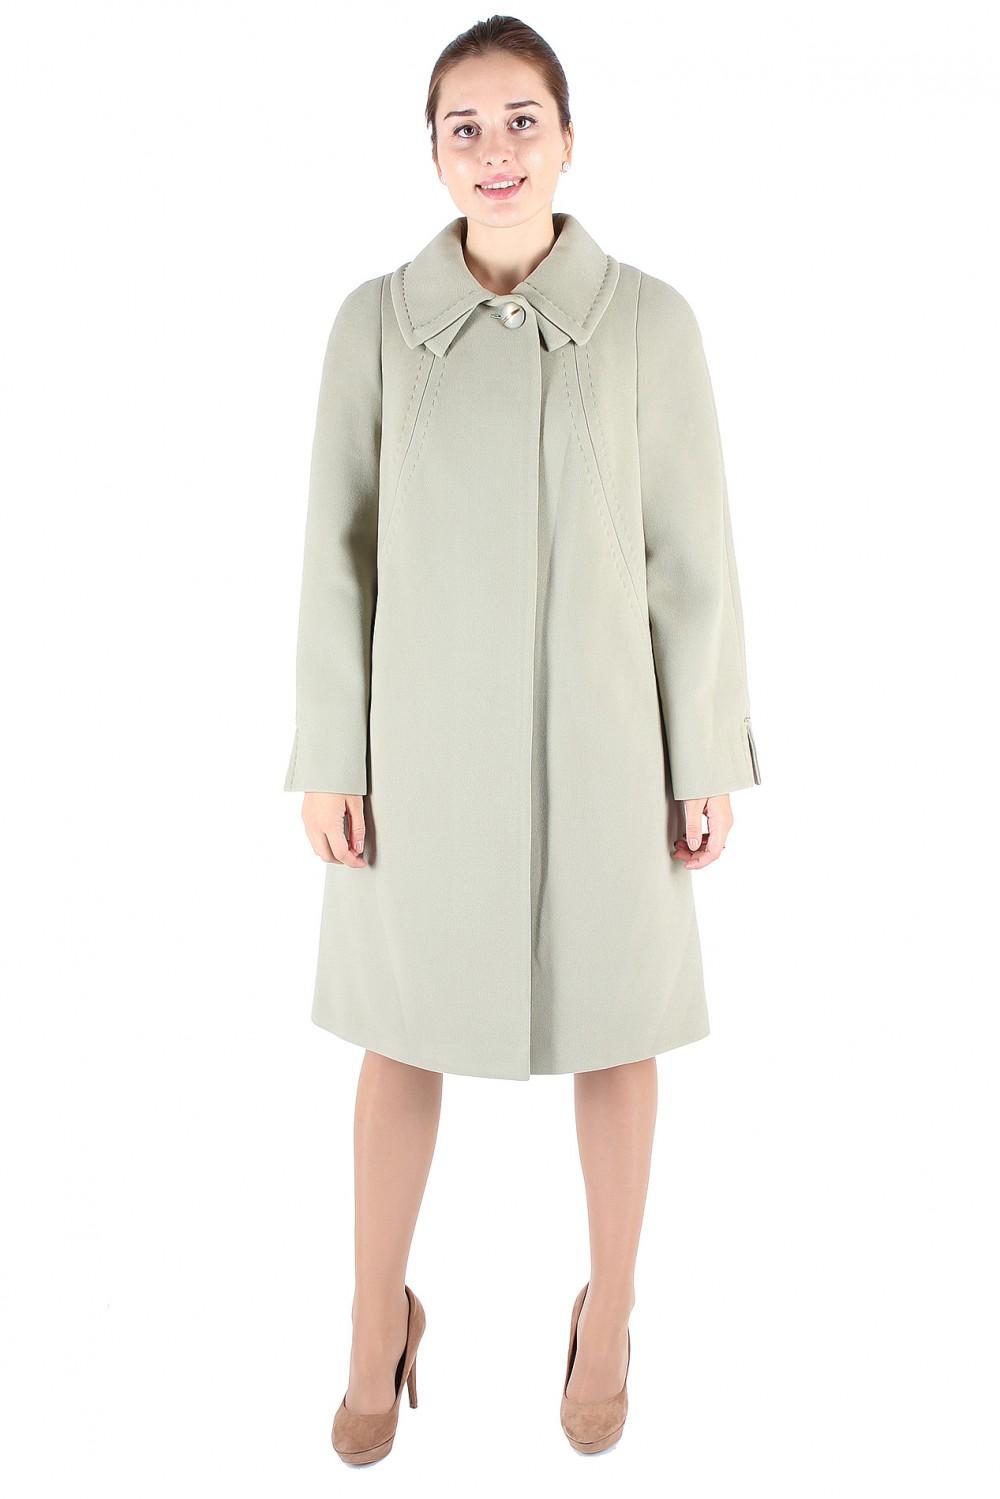 Купить оптом Пальто женское фисташкового цвета 265Fs в Екатеринбурге